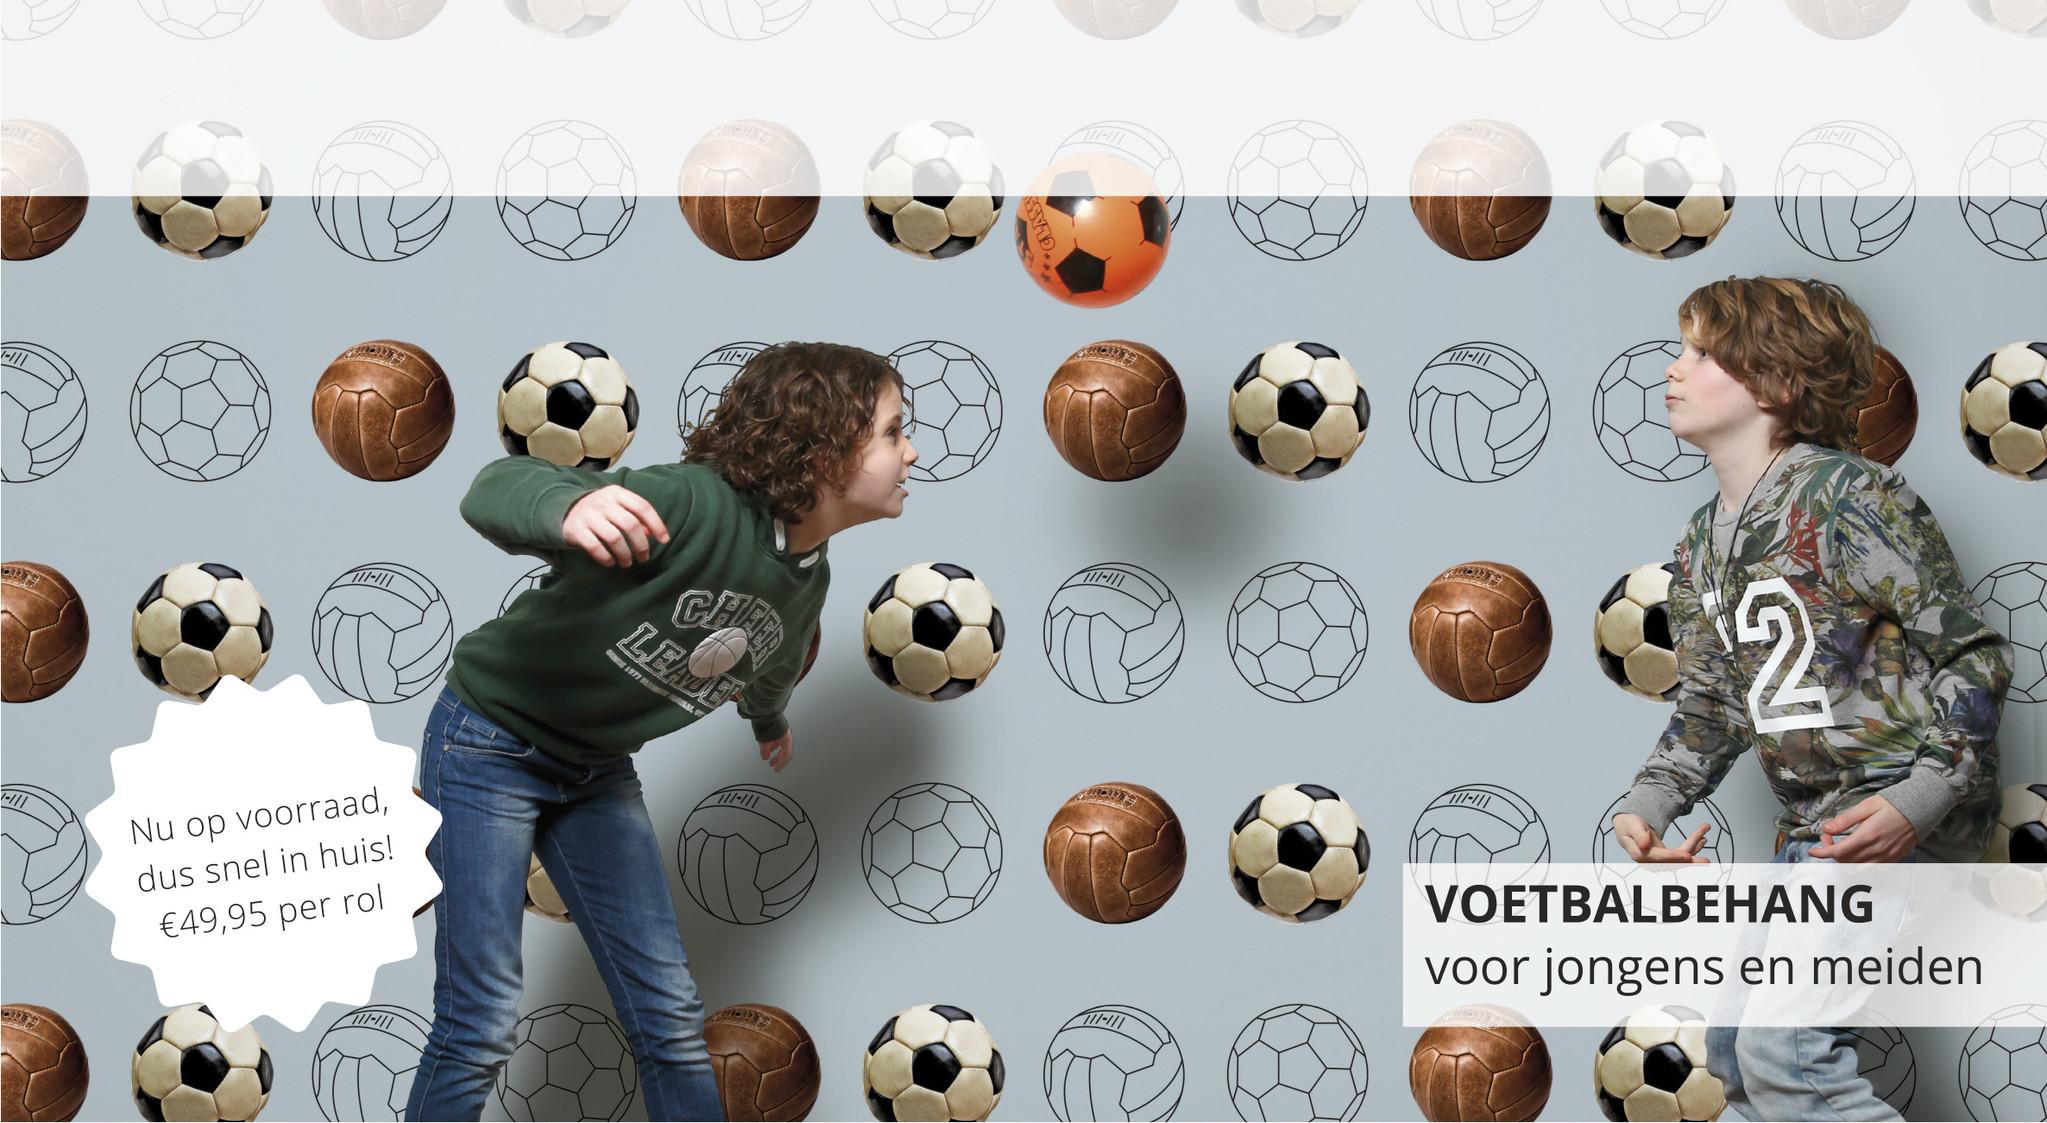 voetbalbehang